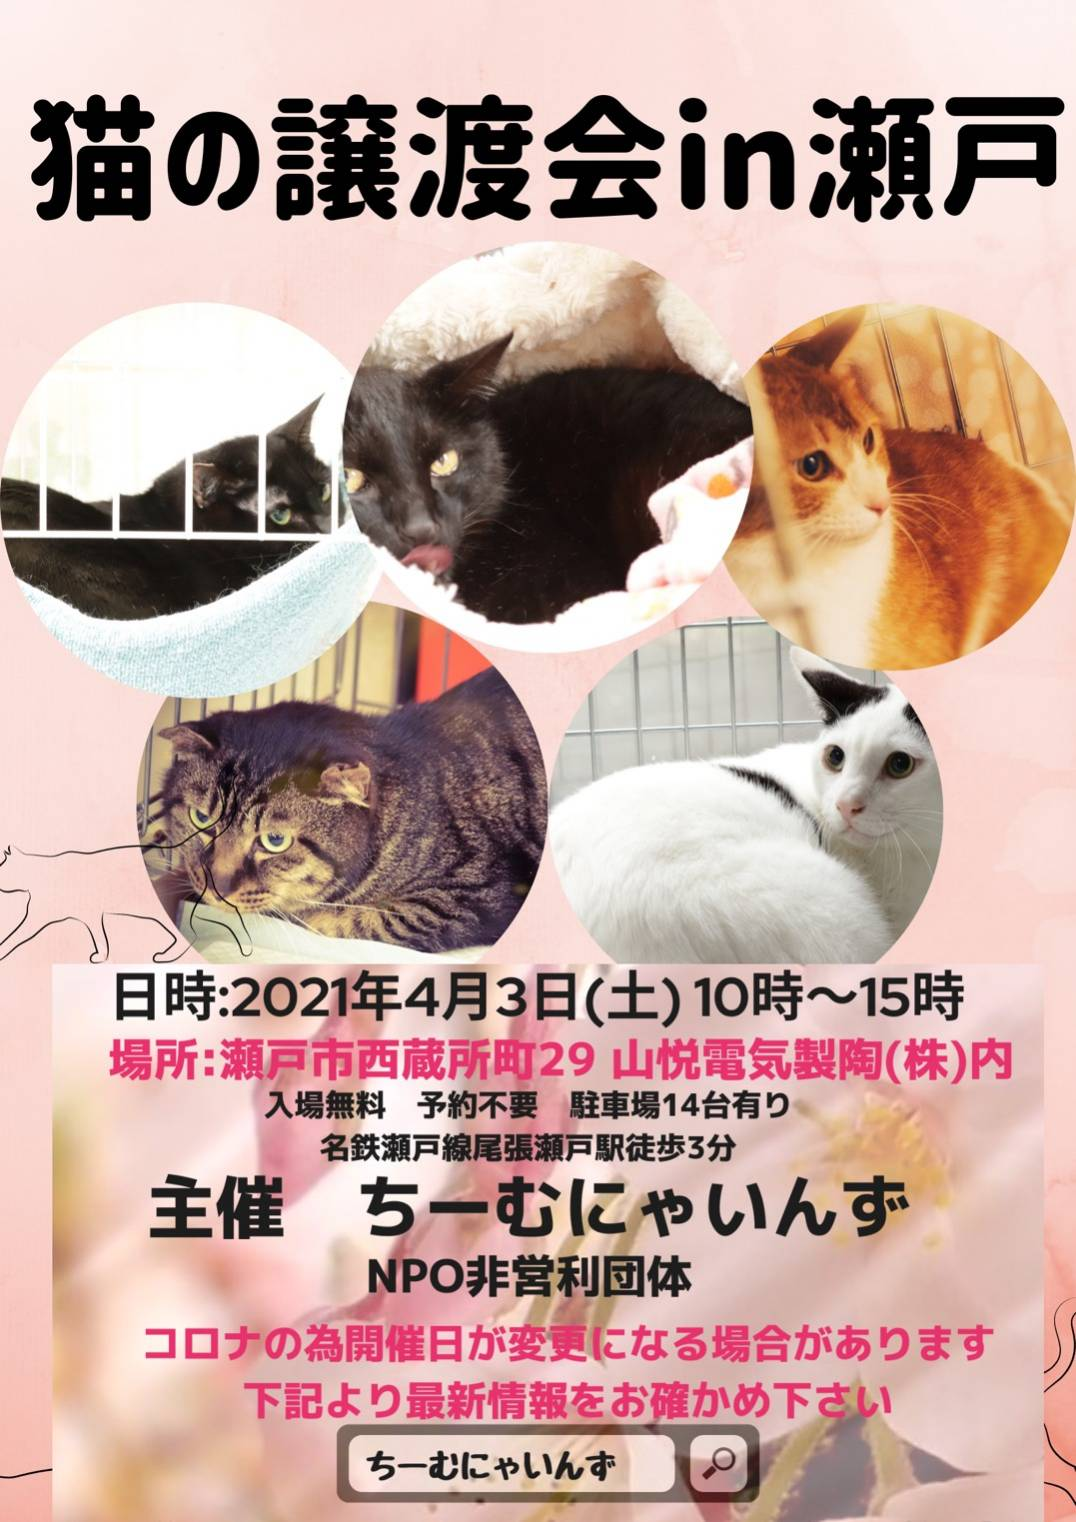 猫の譲渡会 IN 瀬戸 ~ ちーむ にゃいんず 2021年4月3日開催